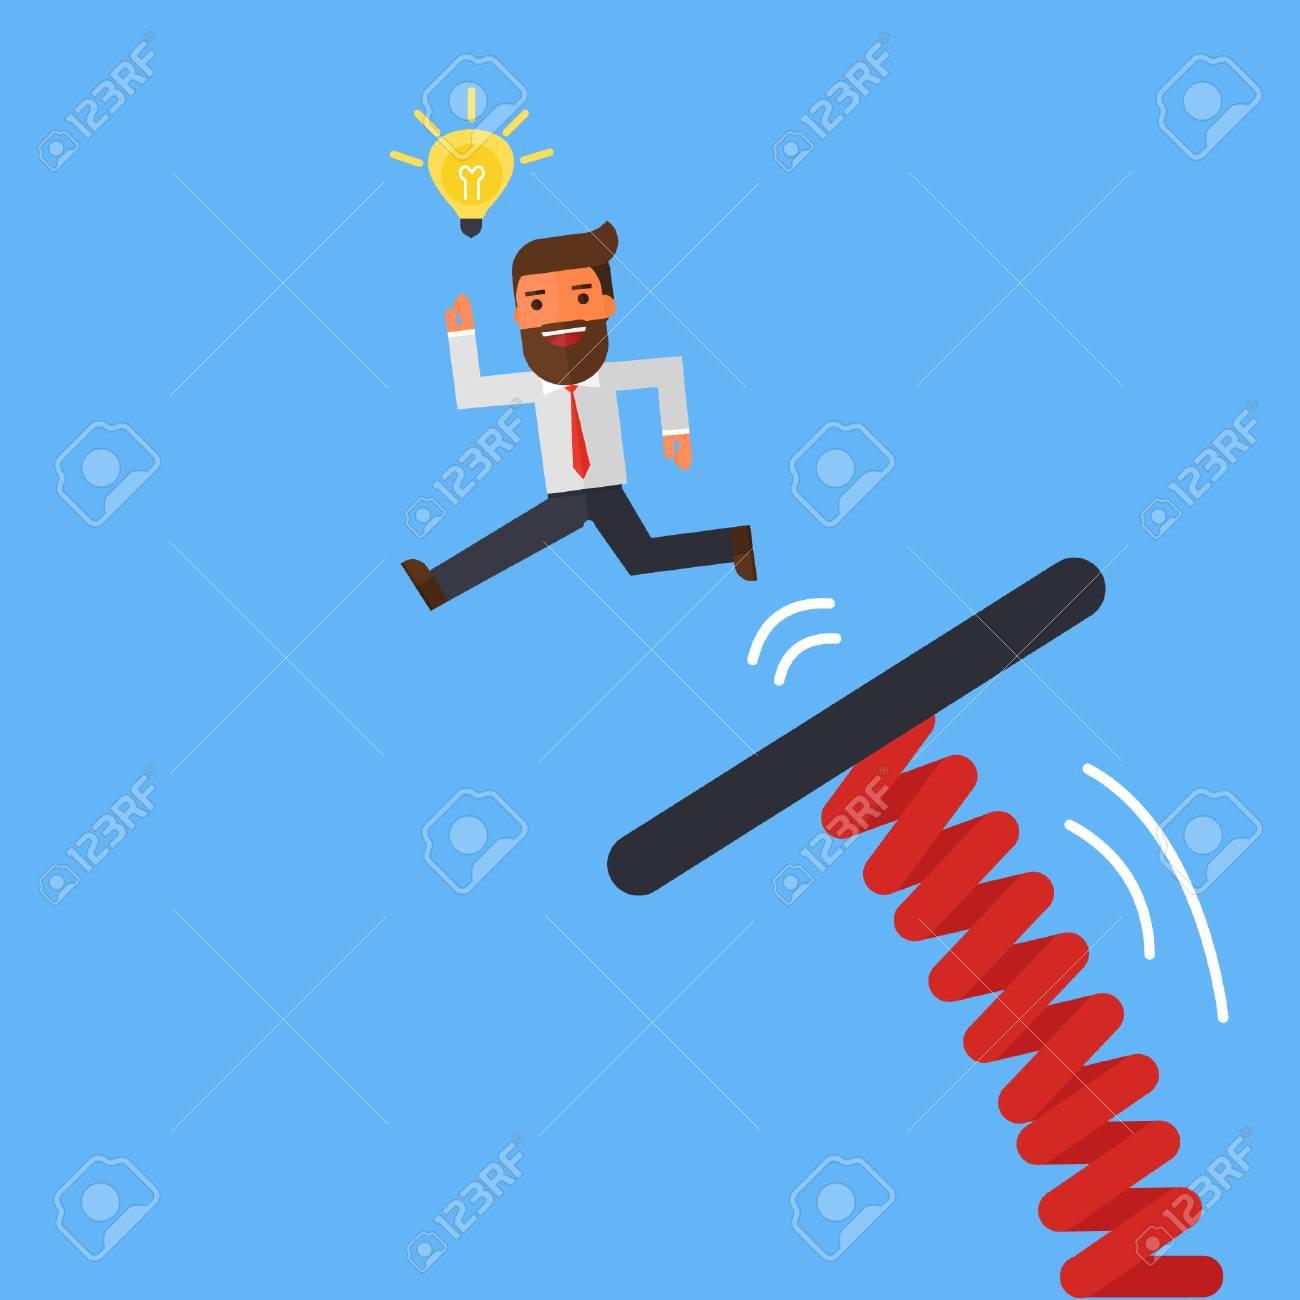 青い空に飛び込み板からジャンプの実業家のイラスト素材ベクタ Image